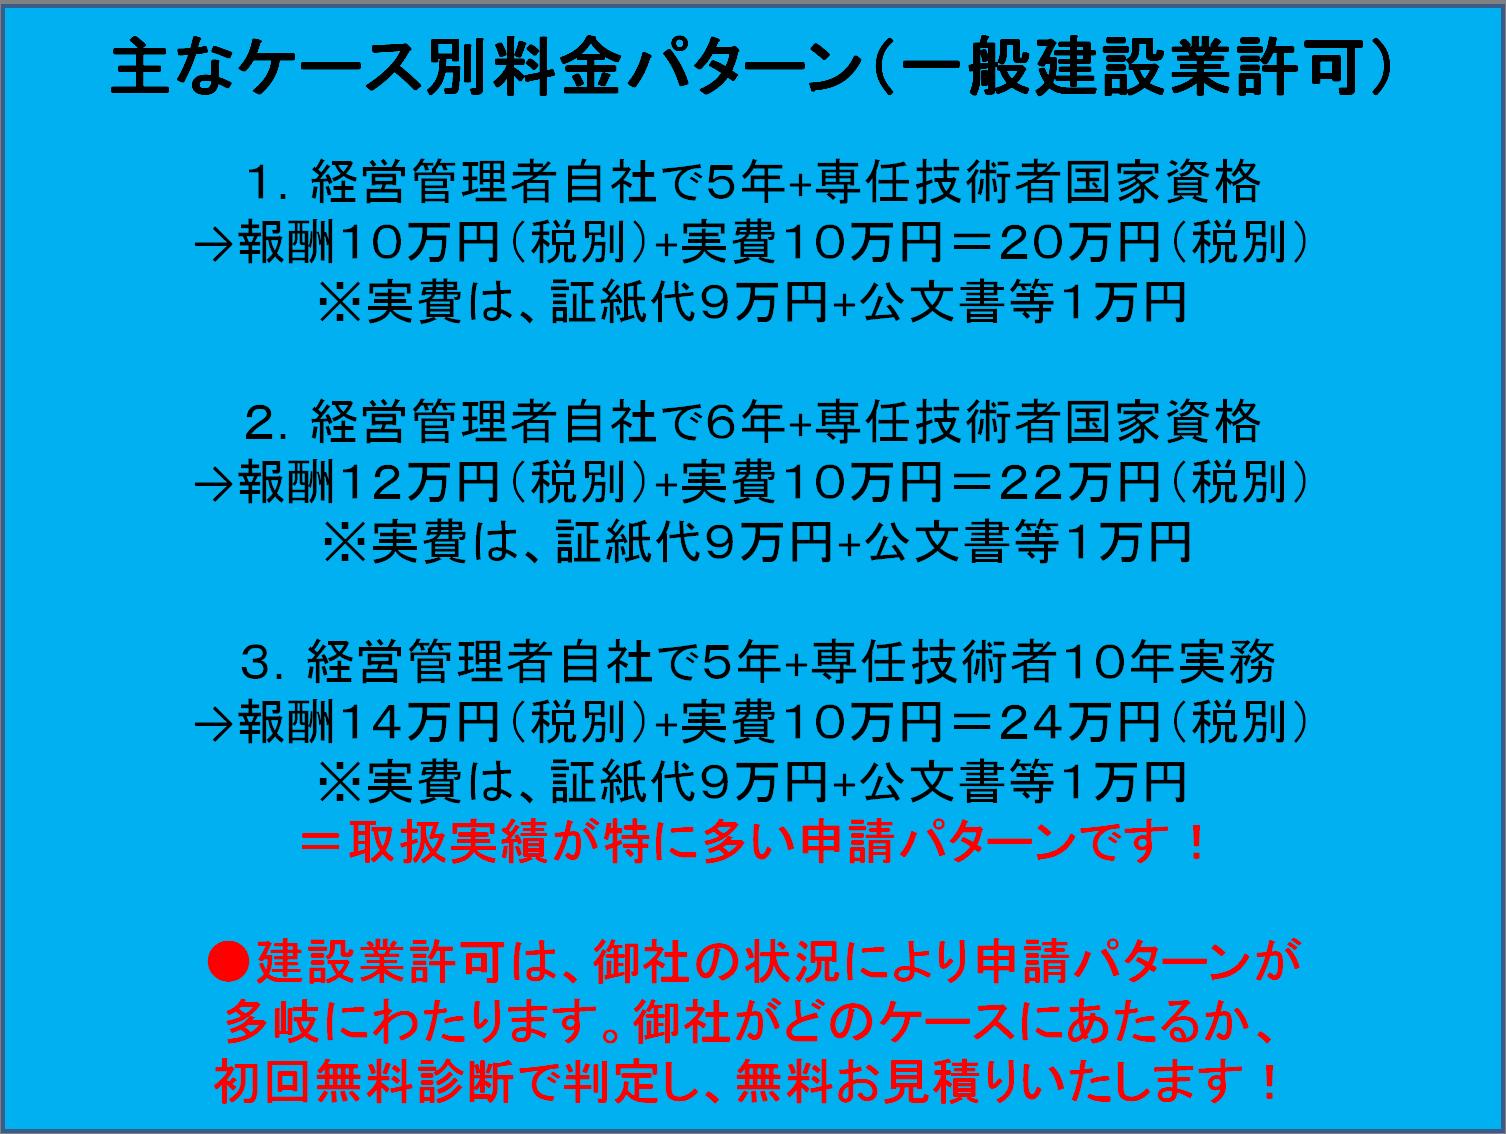 大阪の建設業許可光速申請請負人、行政書士オフィスNの長島が提供する建設業許可申請の料金パターンです。ご参考ください。